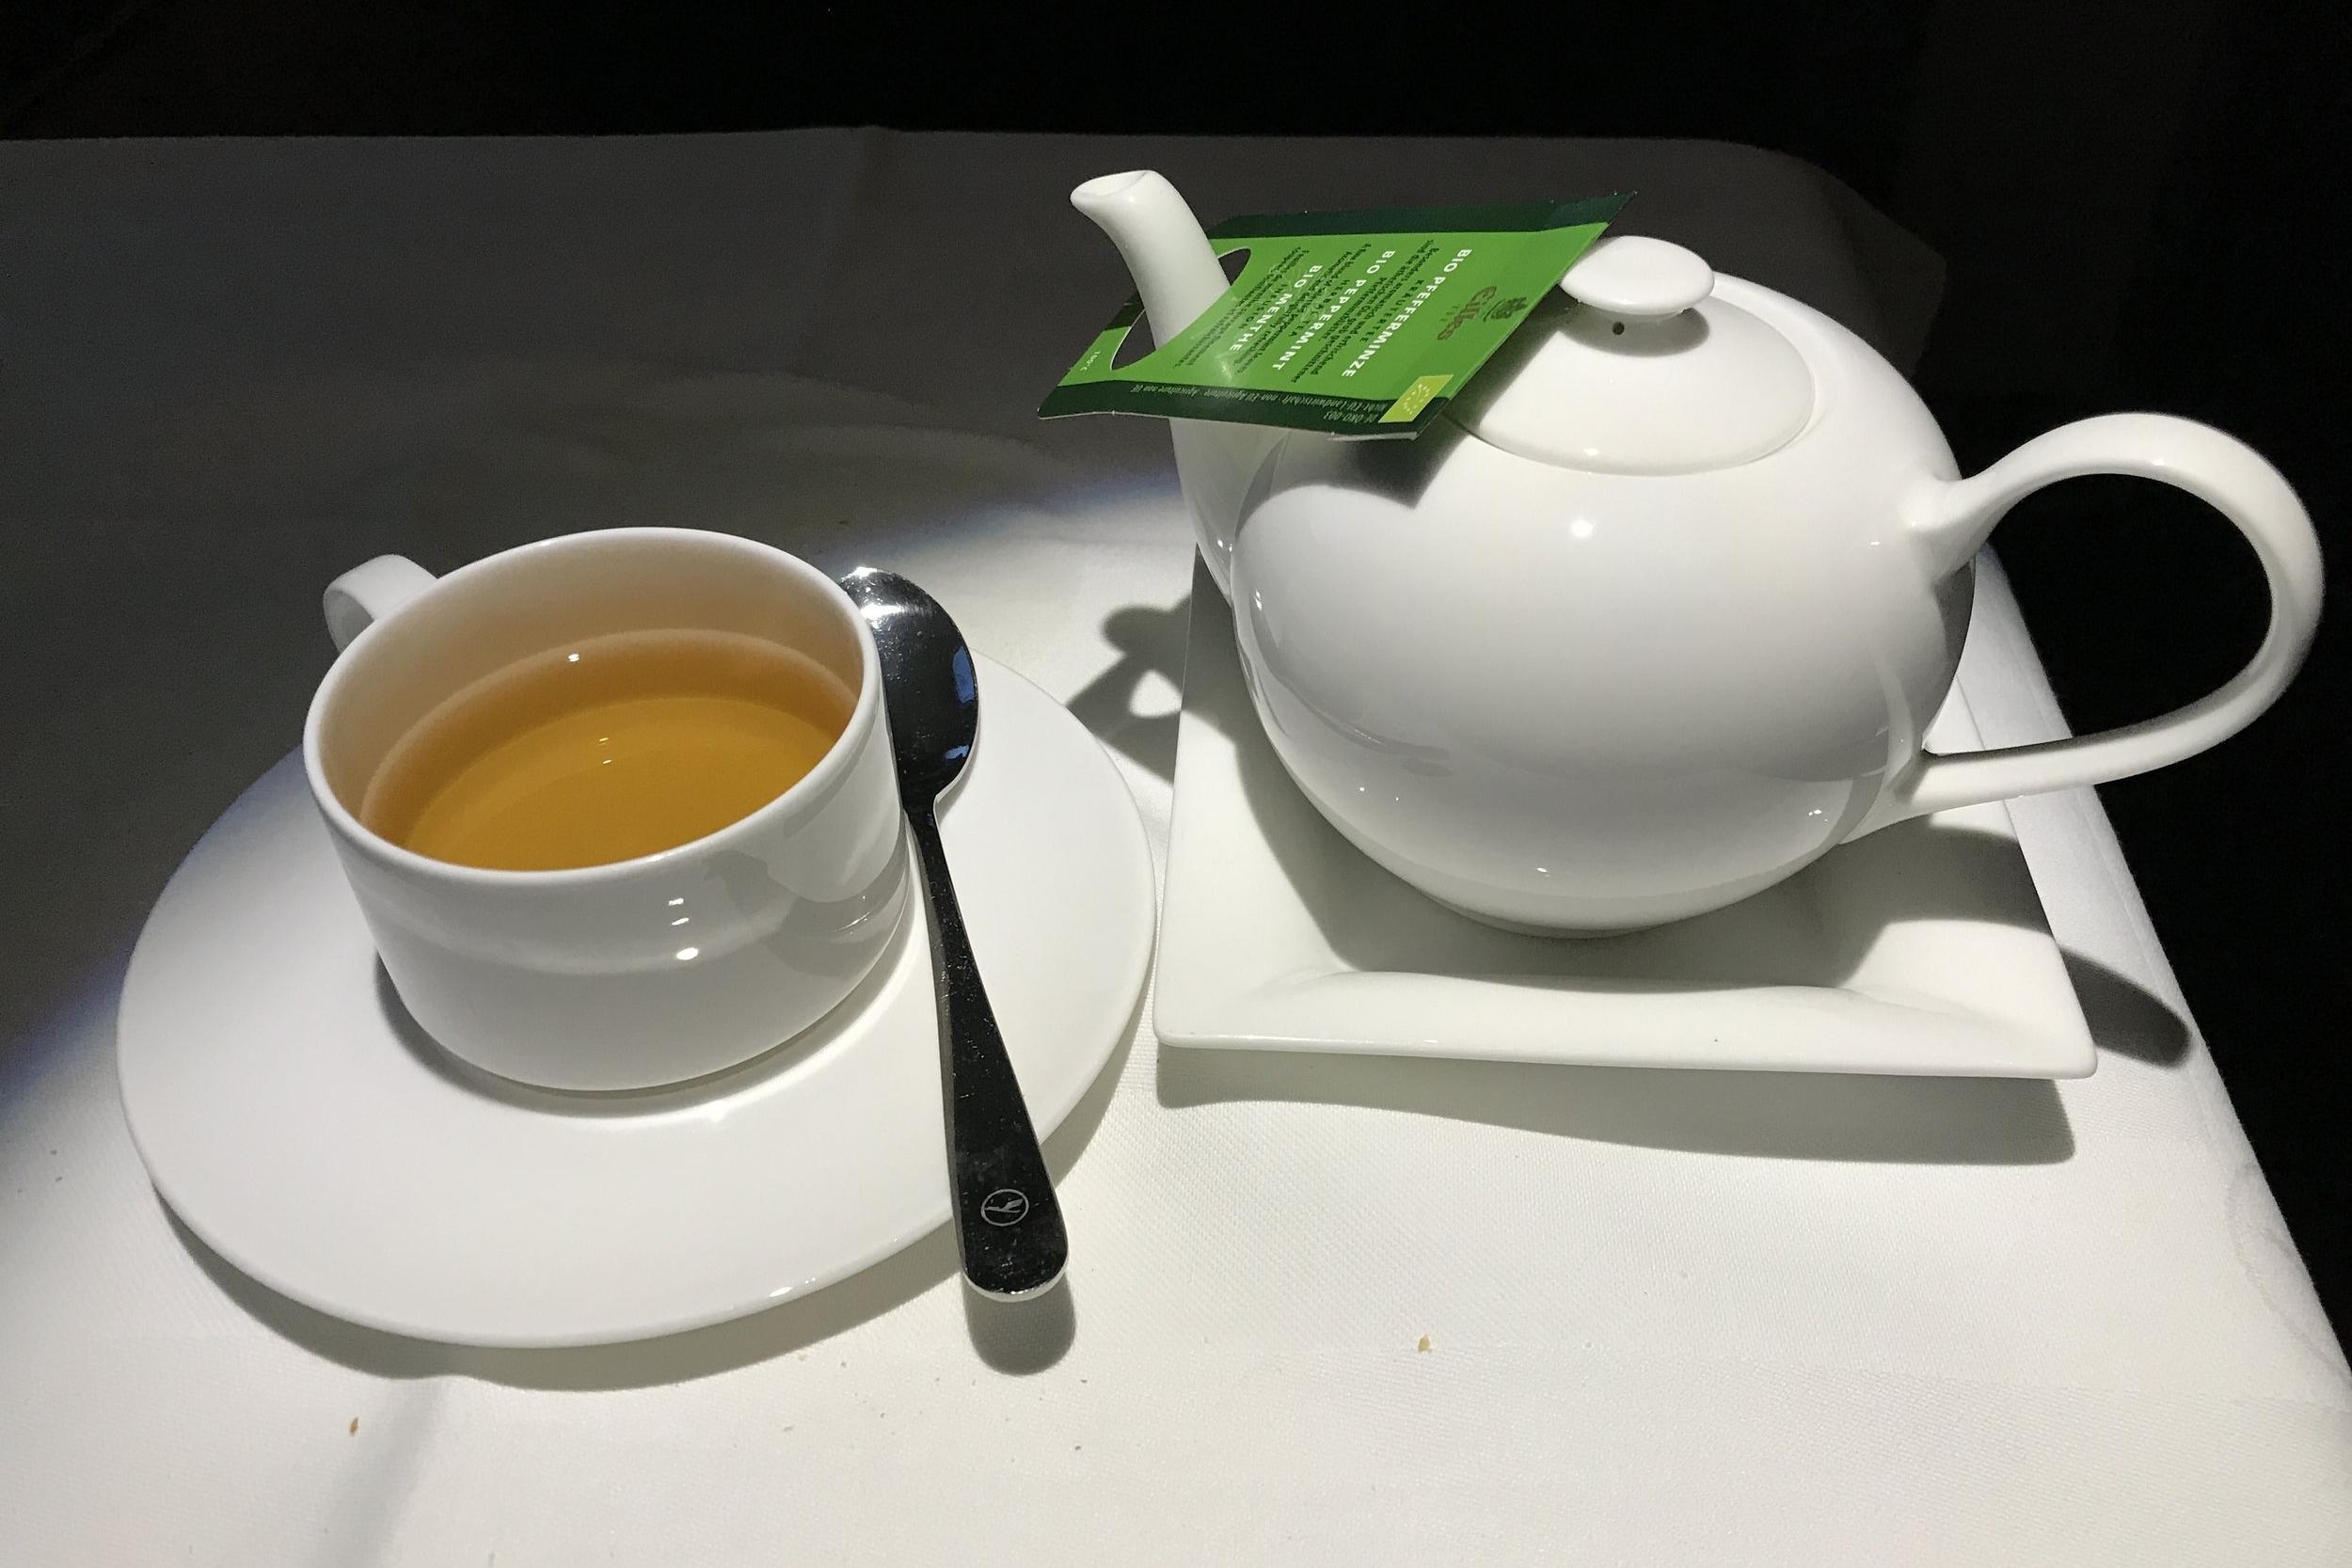 Lufthansa First Class – Peppermint tea